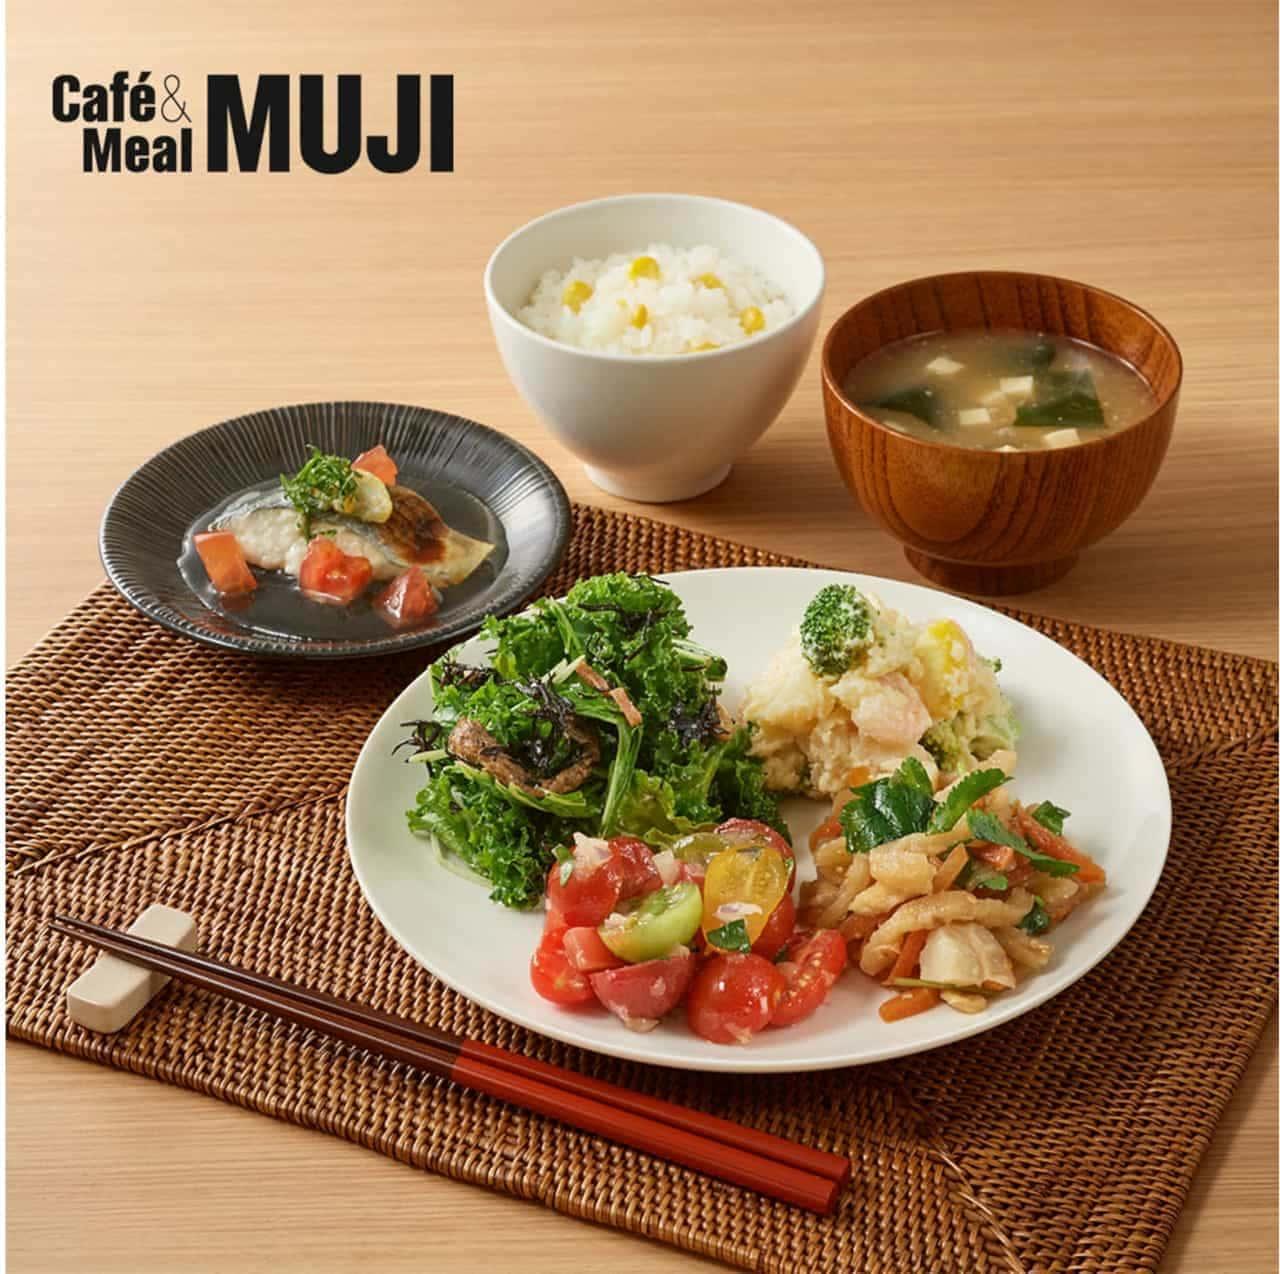 Cafe&Meal MUJIに夏メニュー